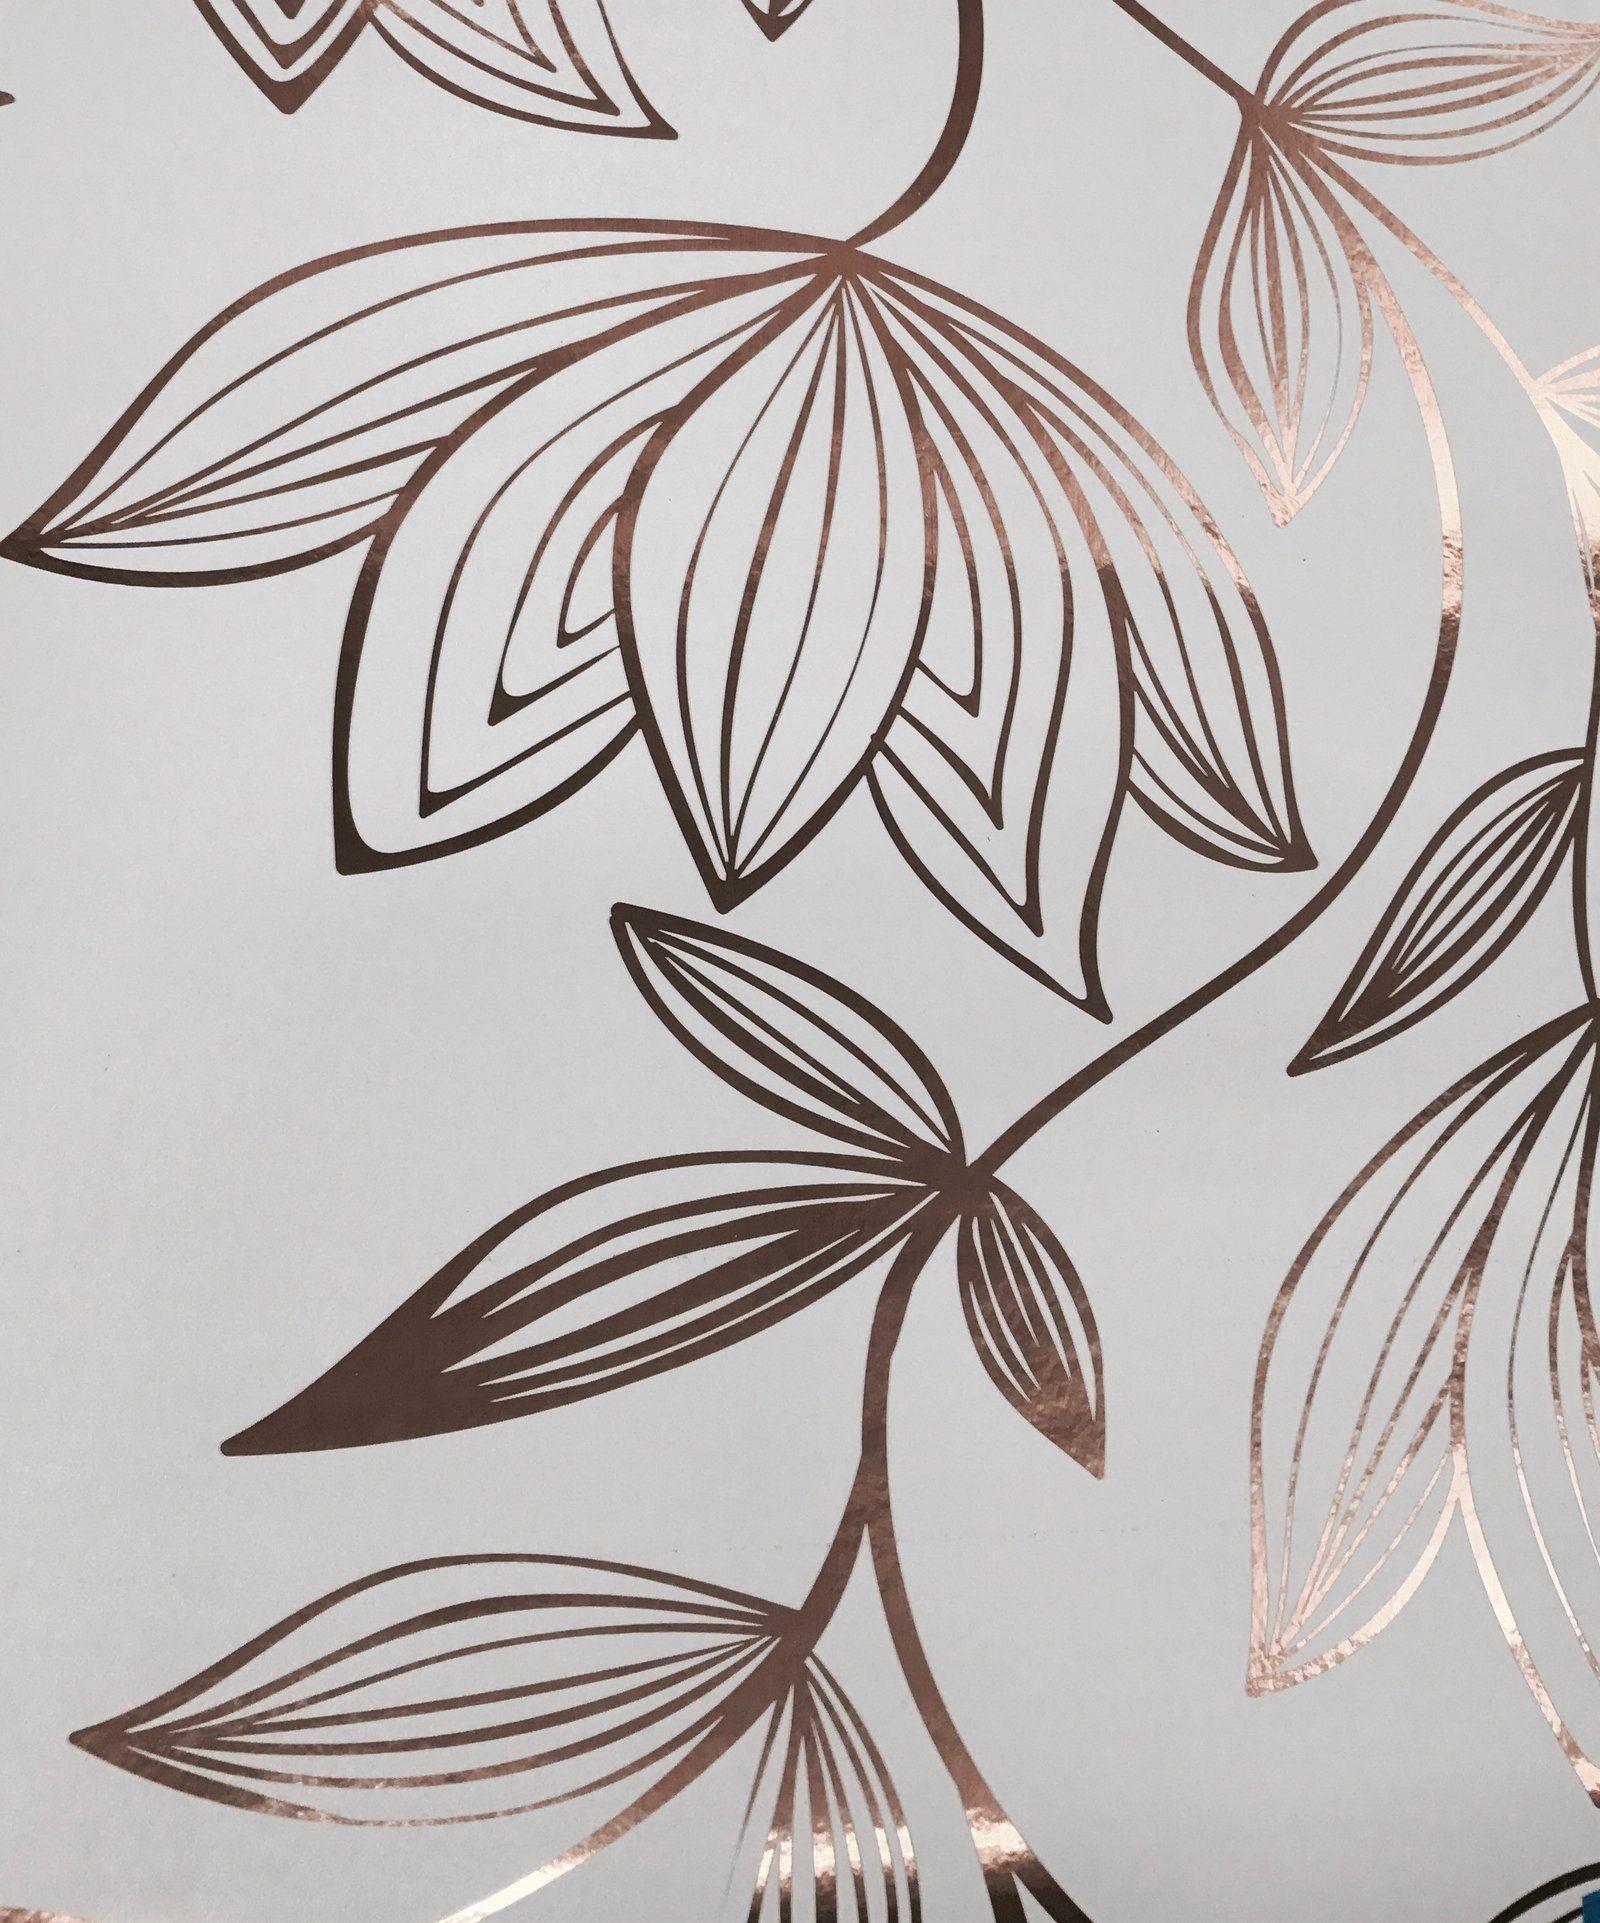 Metallic Wild Magnolia Wallpaper (With images) Magnolia